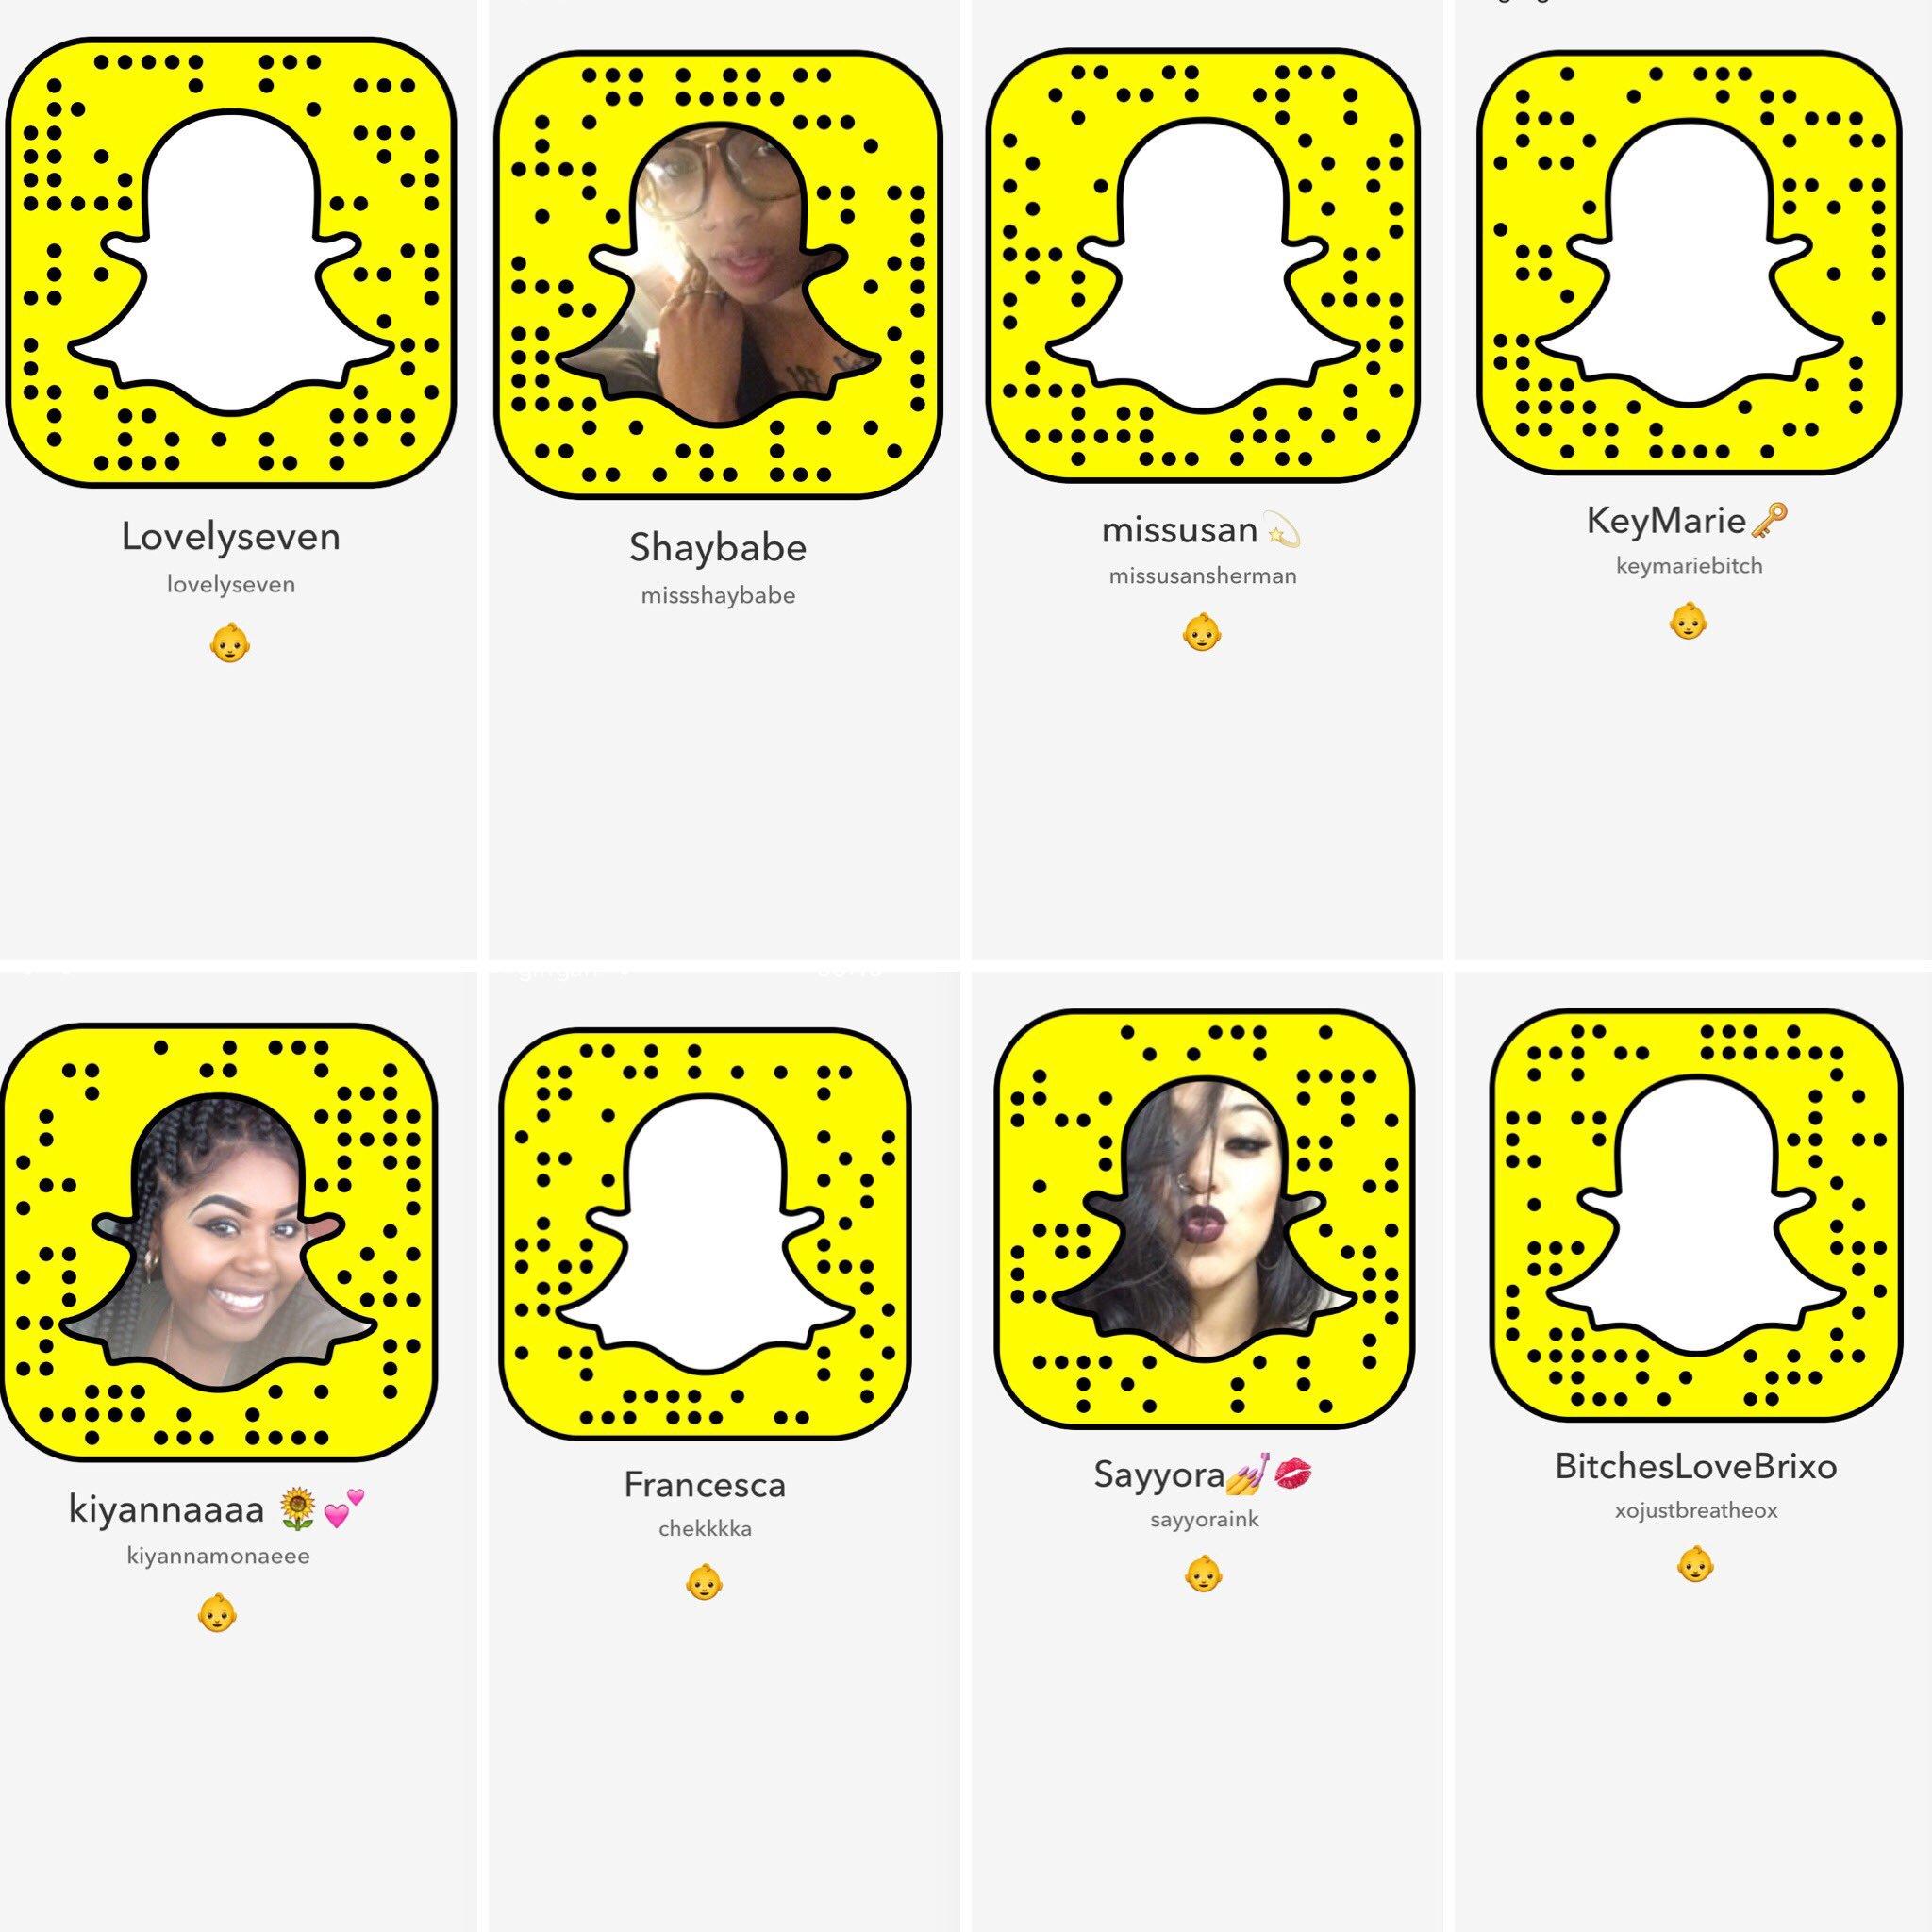 Bgc snapchat from seven Bad Girls